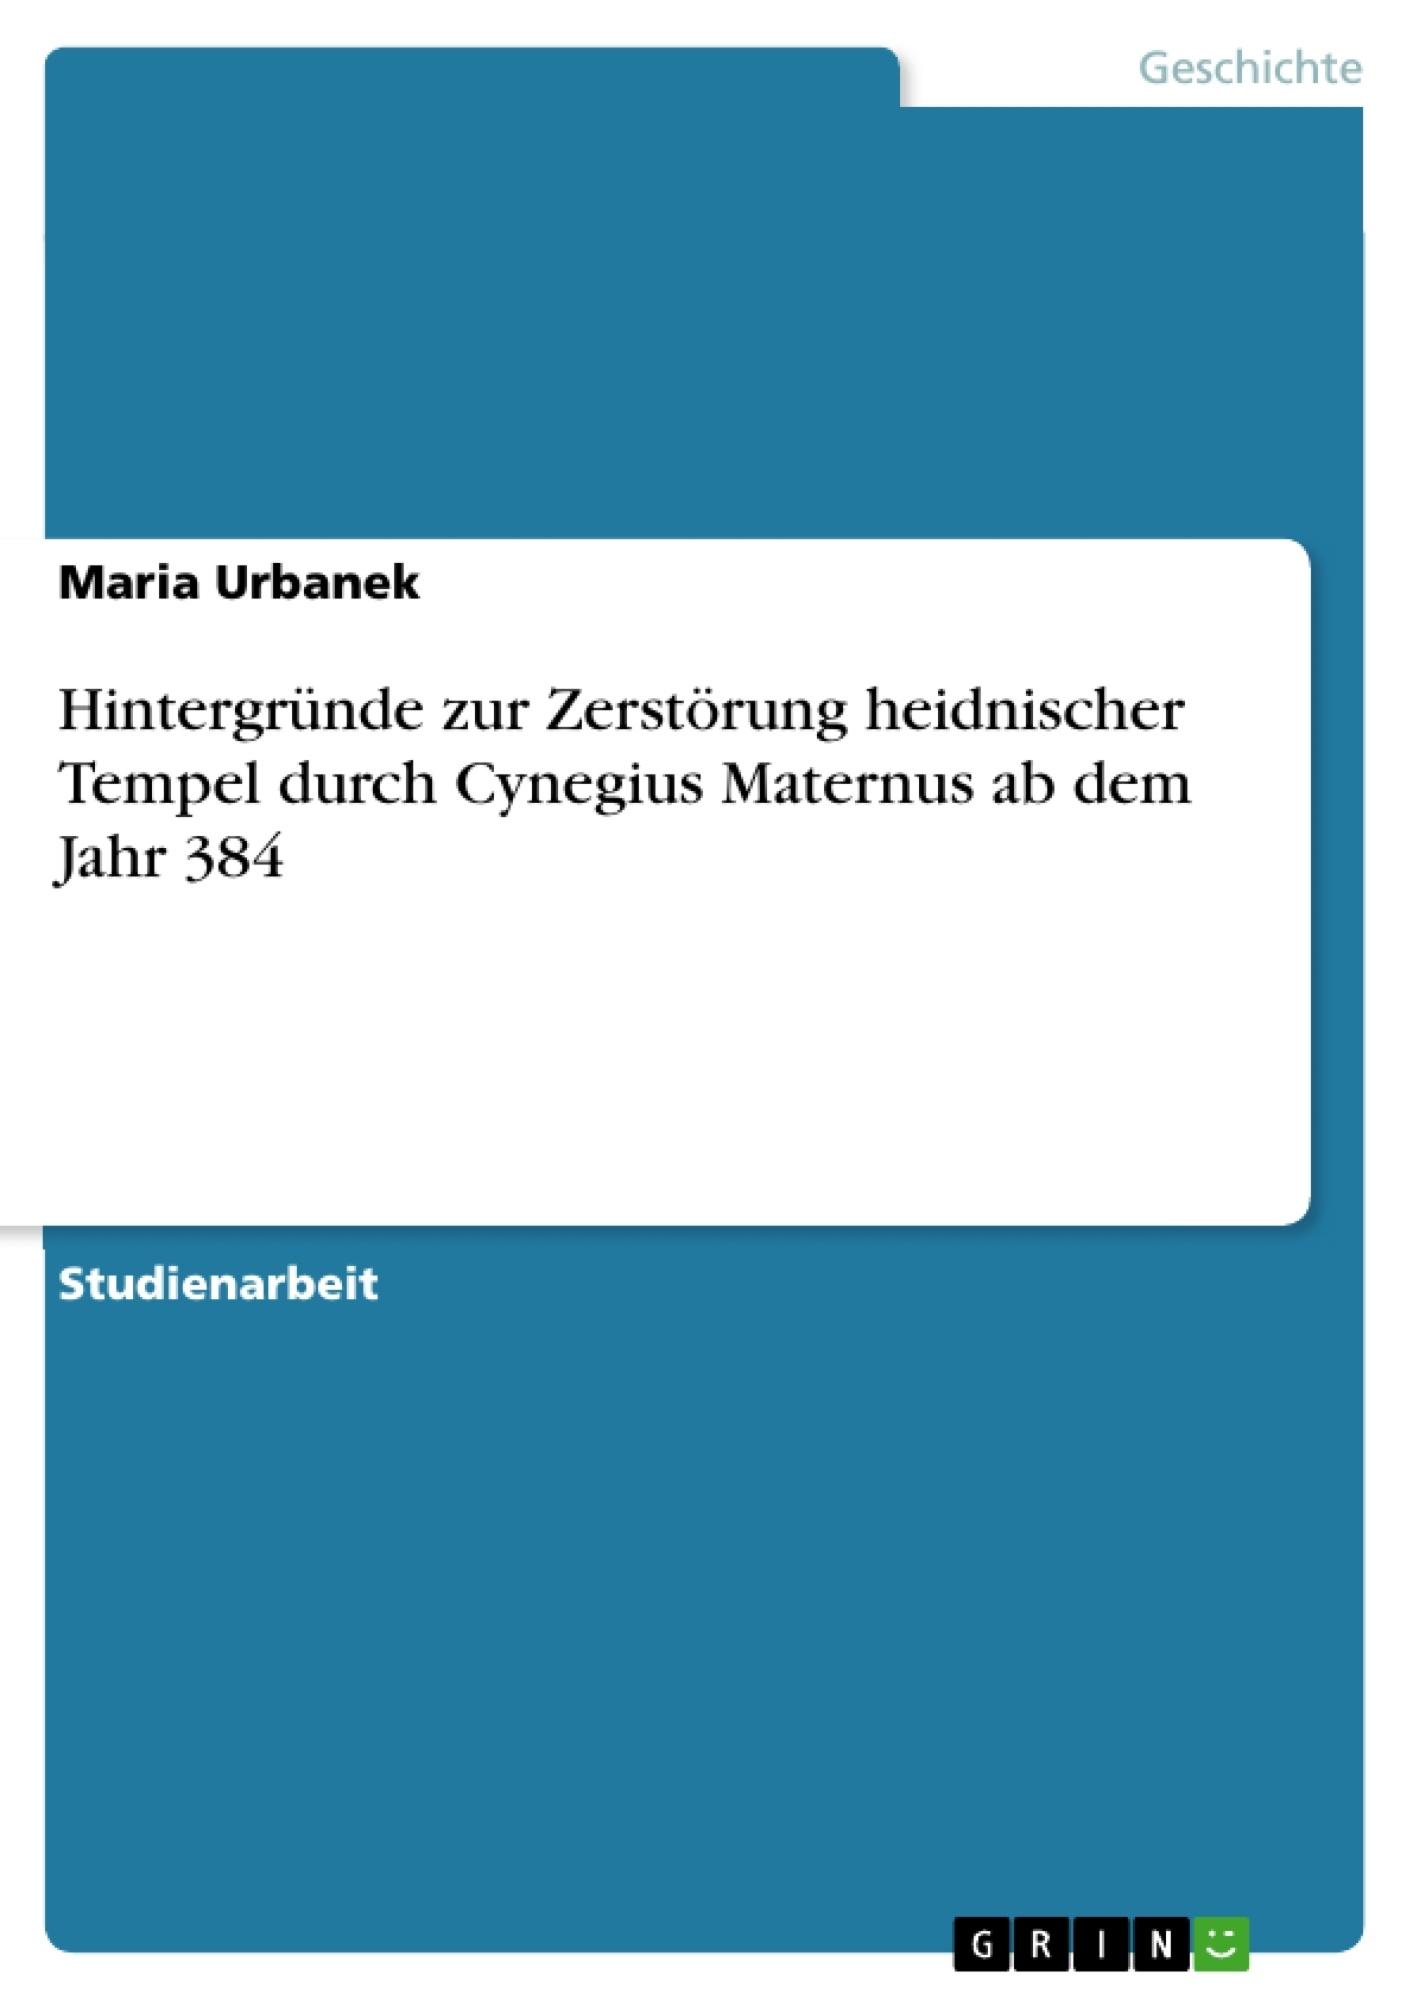 Titel: Hintergründe zur Zerstörung heidnischer Tempel durch Cynegius Maternus ab dem Jahr 384